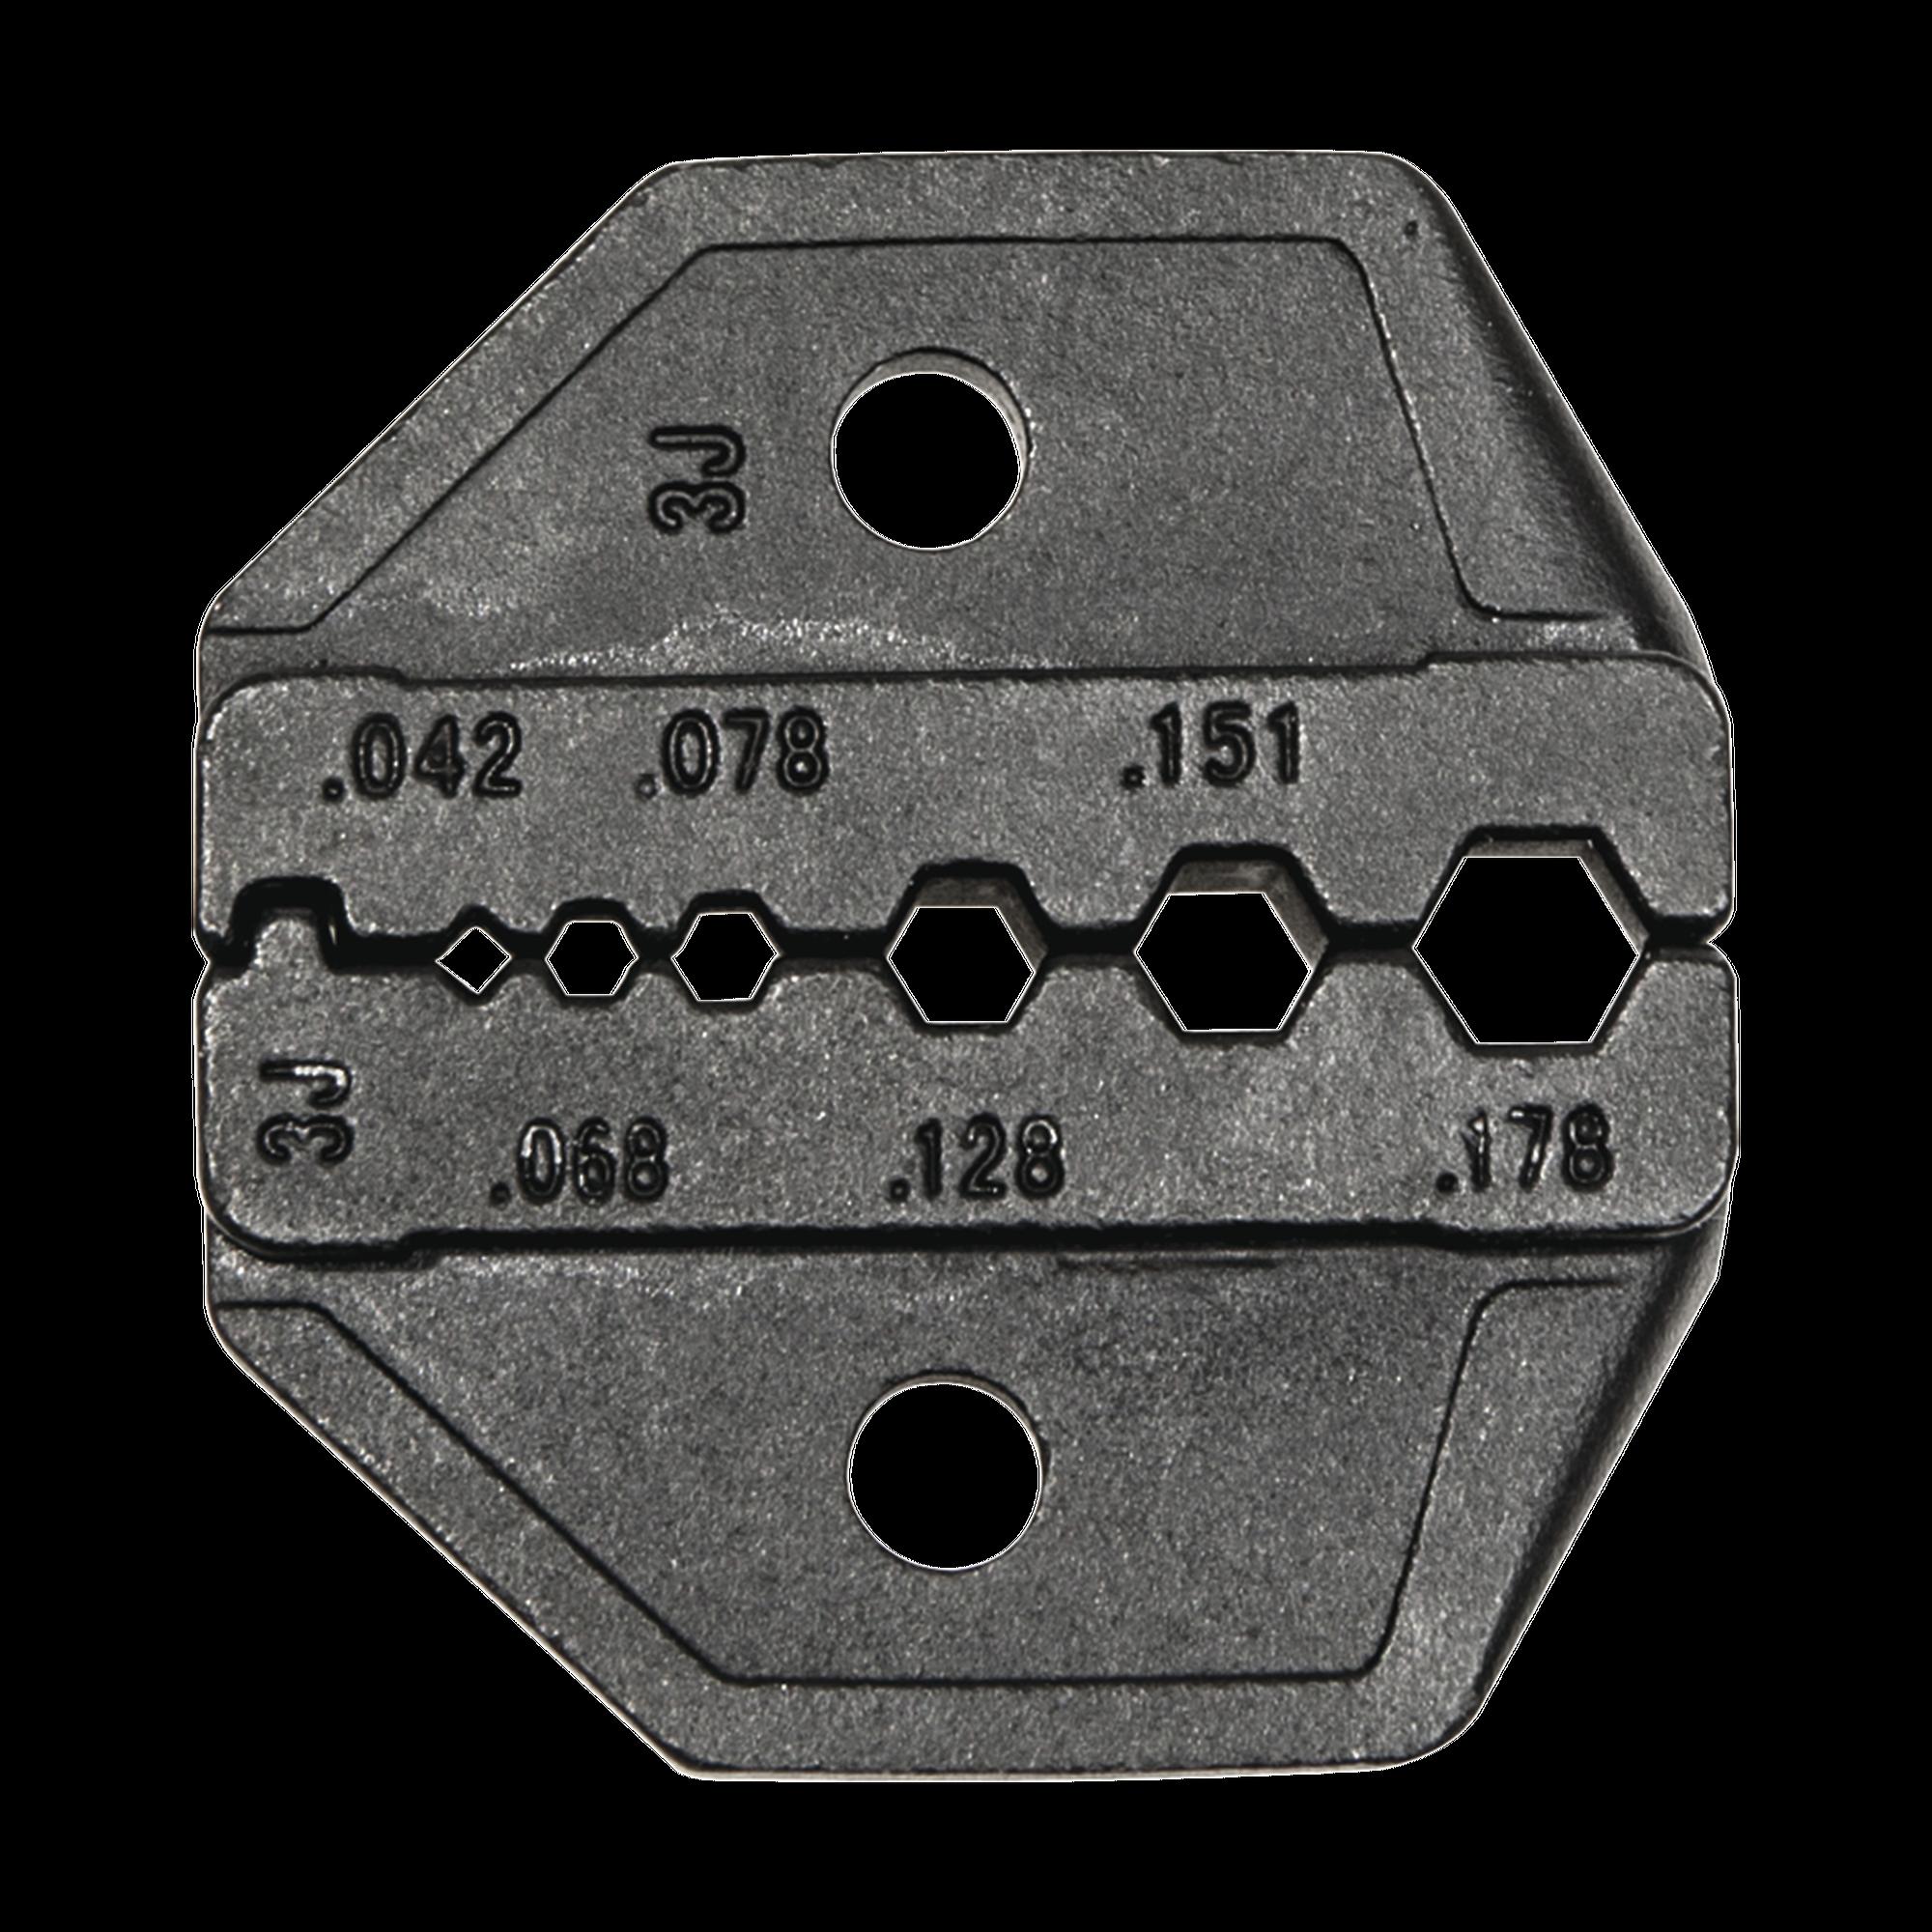 Matriz Ponchadora para RG174, RG179 y Belden 8218.